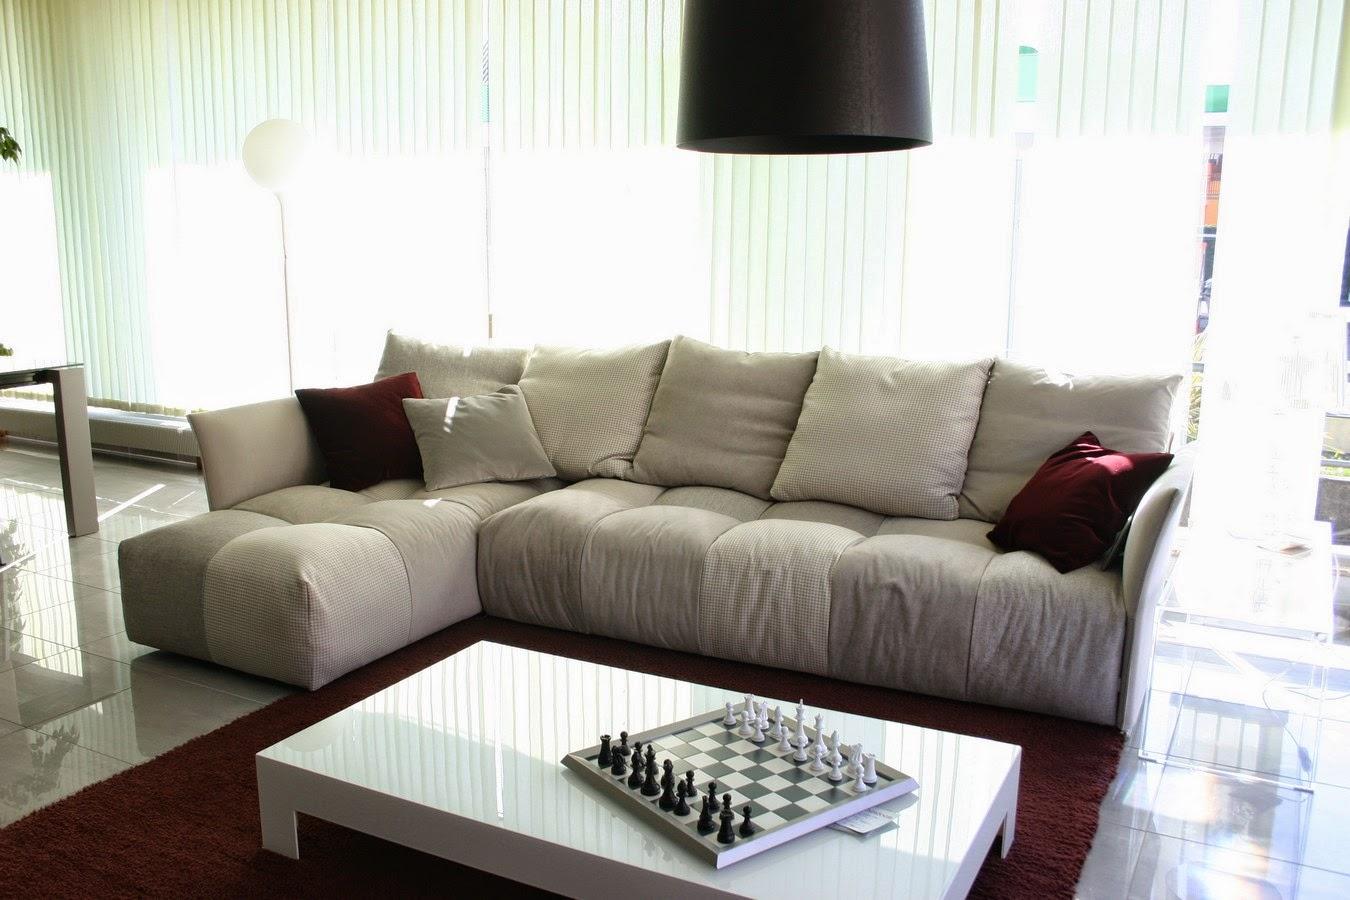 Soggiorni e salotti moderni arredo per la tua casa for Divani d arredo